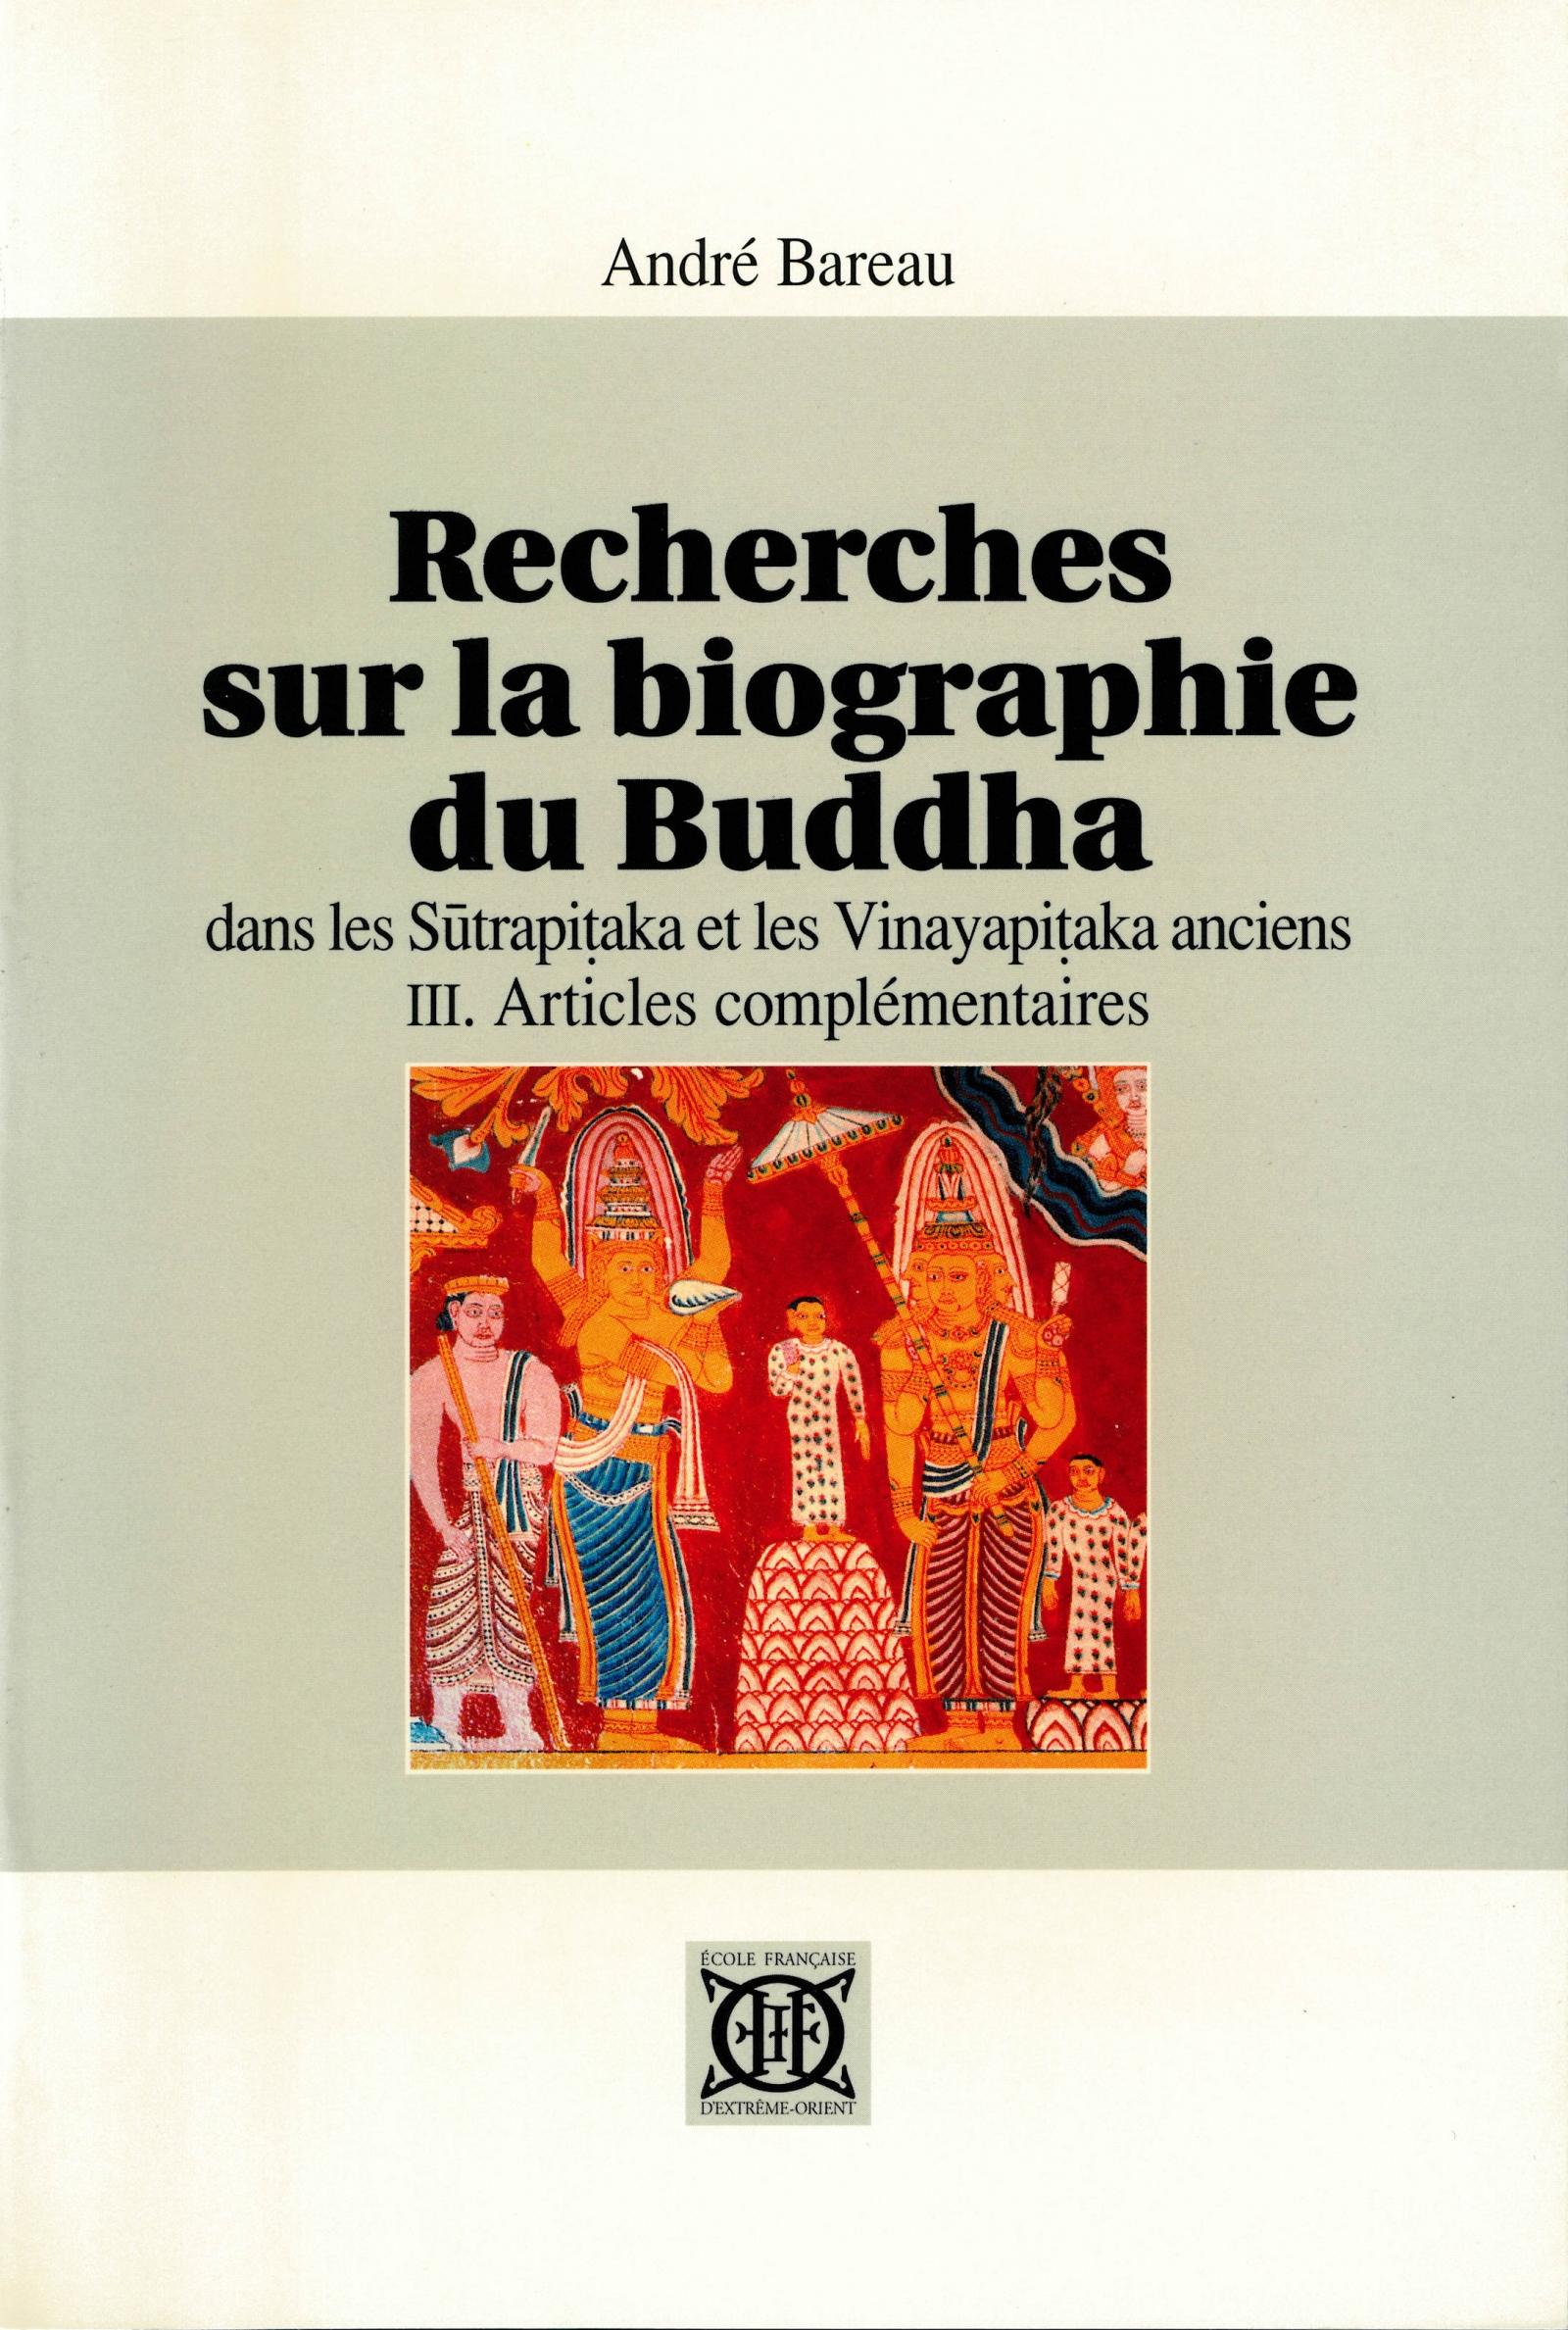 Recherches sur la biographie du Buddha dans les ''Sūtrapiṭaka'', et les ''Vinayapiṭaka'' anciens, Tome III